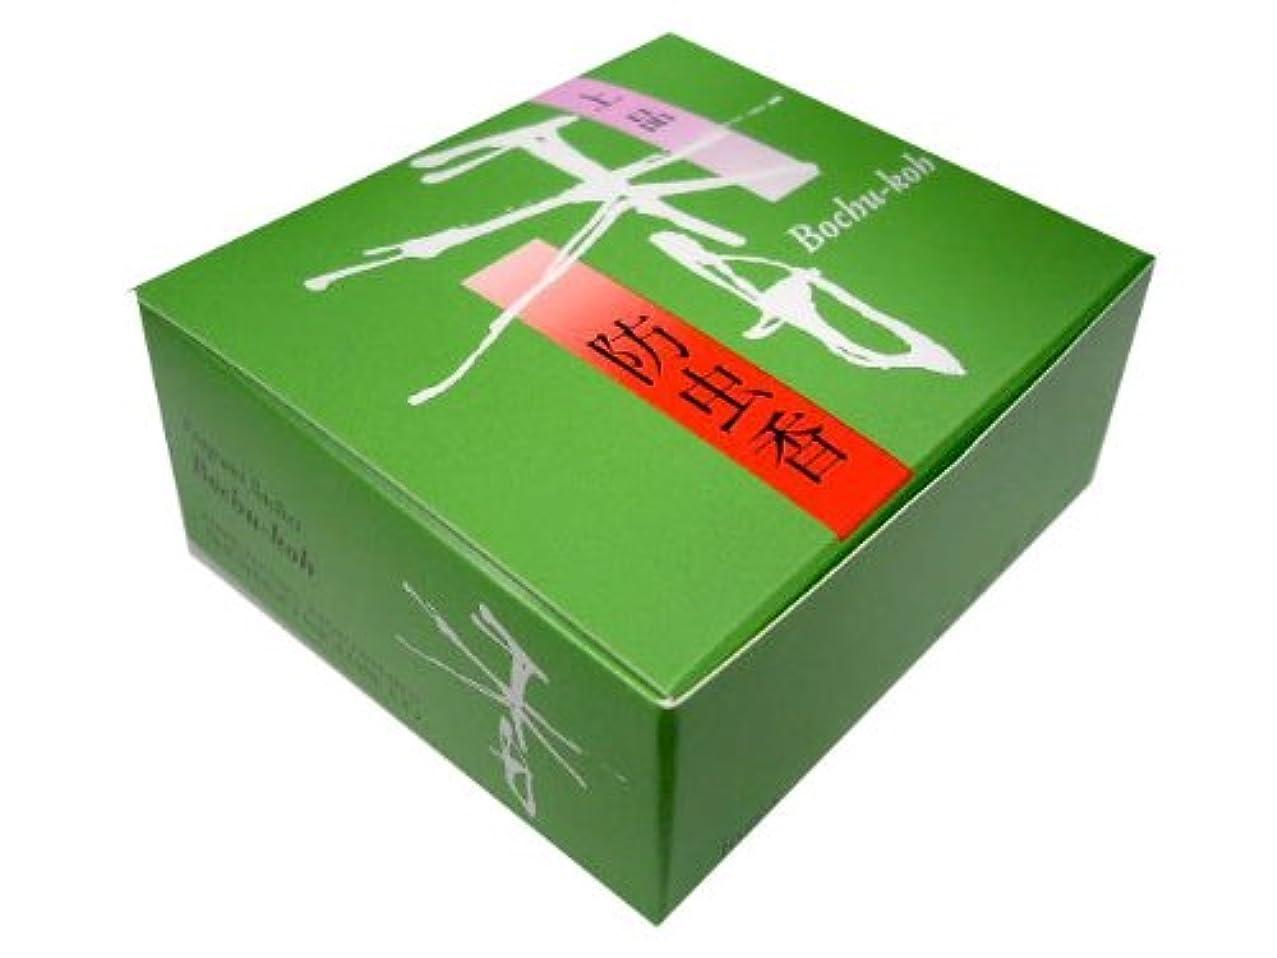 捕虜類人猿フレッシュ松栄堂の防虫香 上品 防虫香 10袋入 #520138